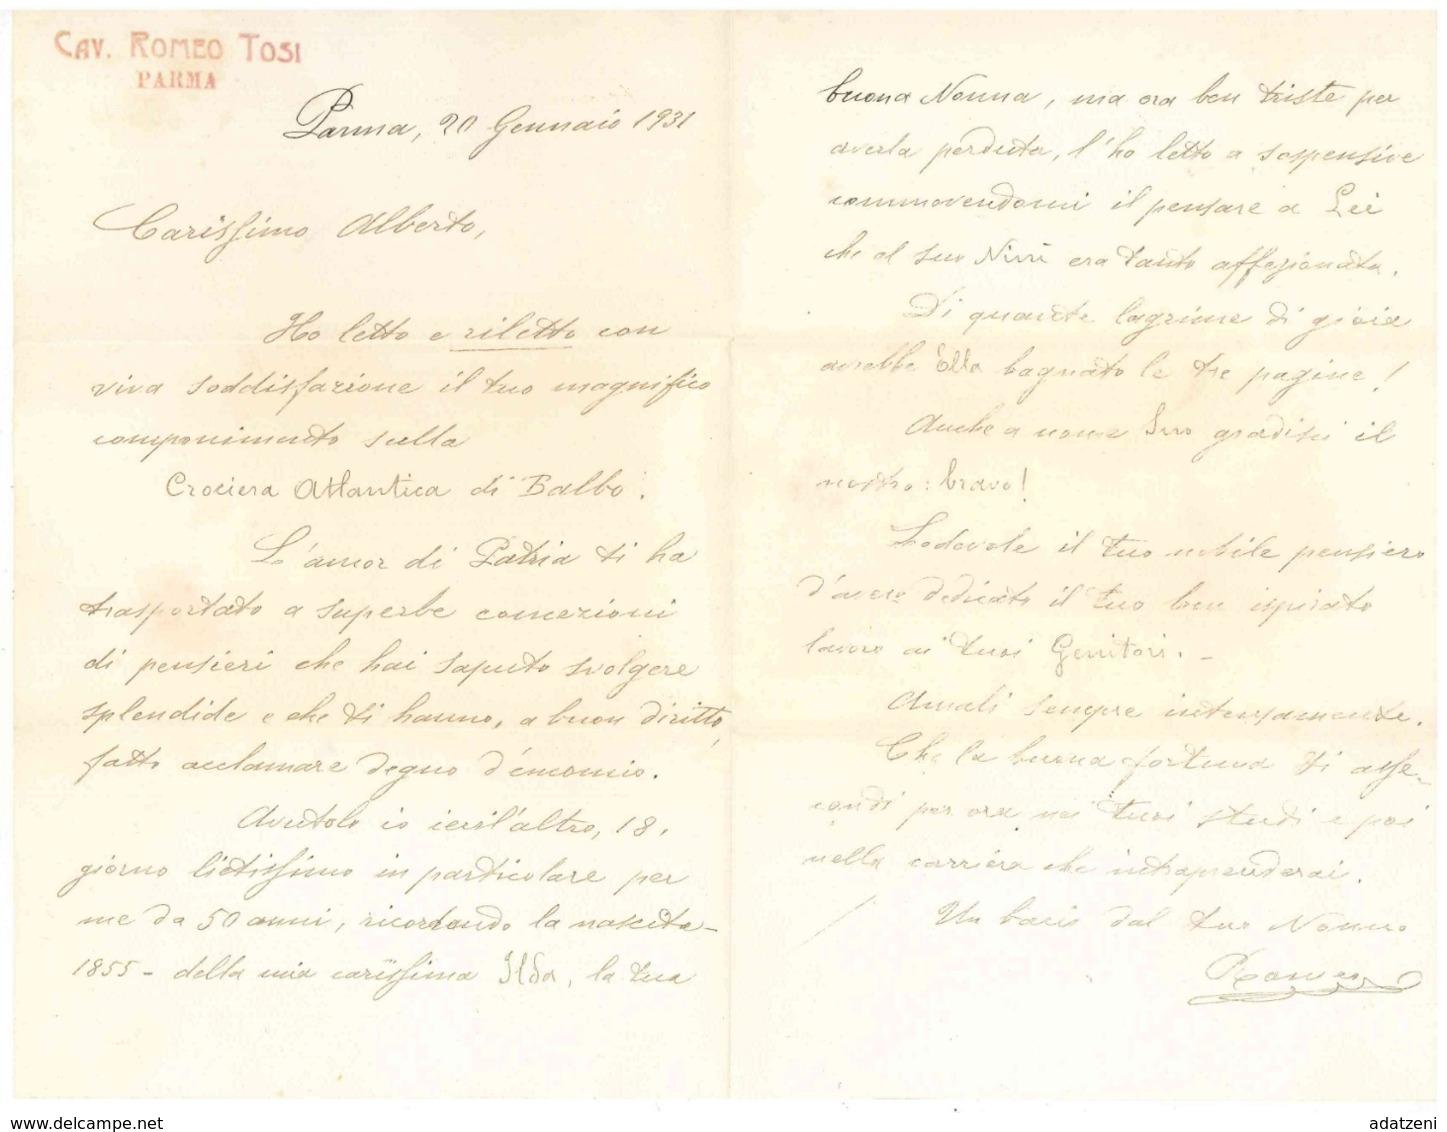 FRA157 BUSTA E LETTERA DEL 20 GENNAIO 1931 DA CAV. ROMEO TOSI  DI PARMA A ALBERTO MARINI PER CONGRATULARSI DEL COMPONIME - Manuscritos